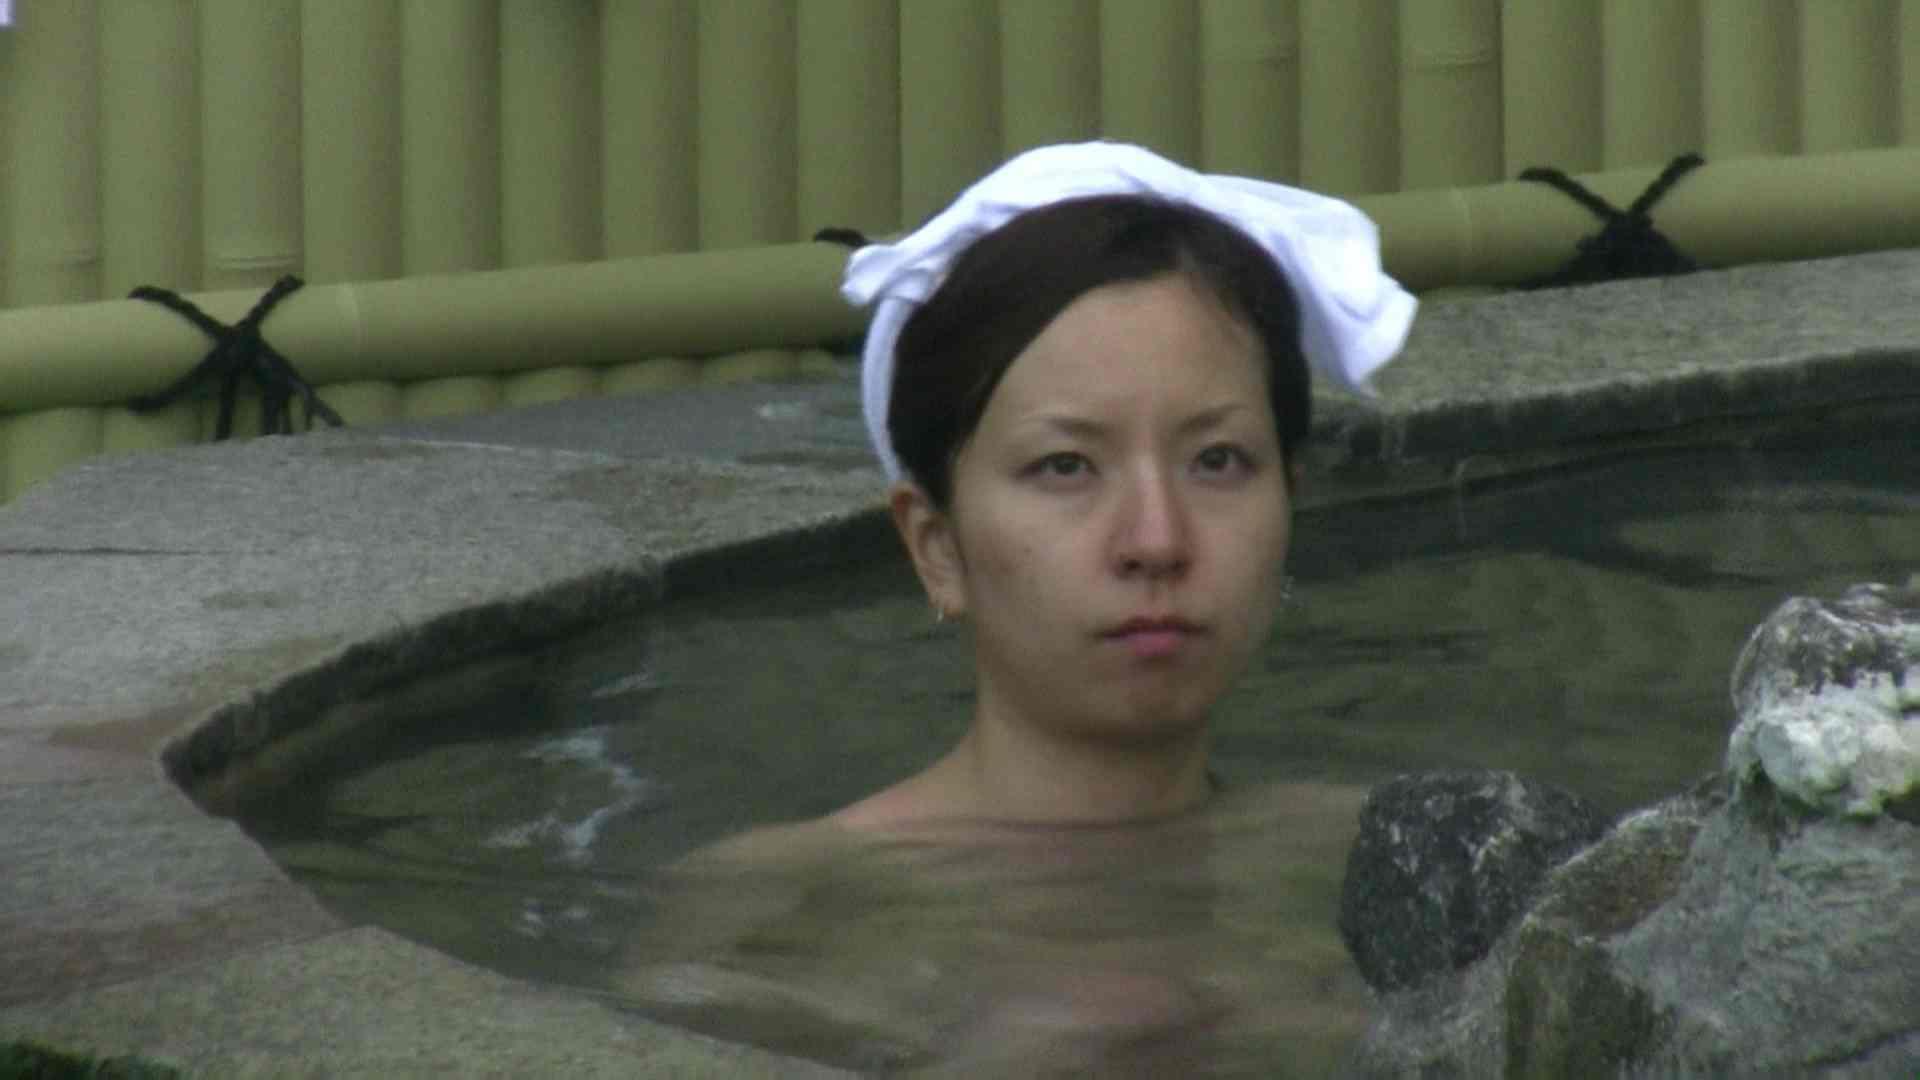 Aquaな露天風呂Vol.39【VIP】 盗撮シリーズ  85PIX 30